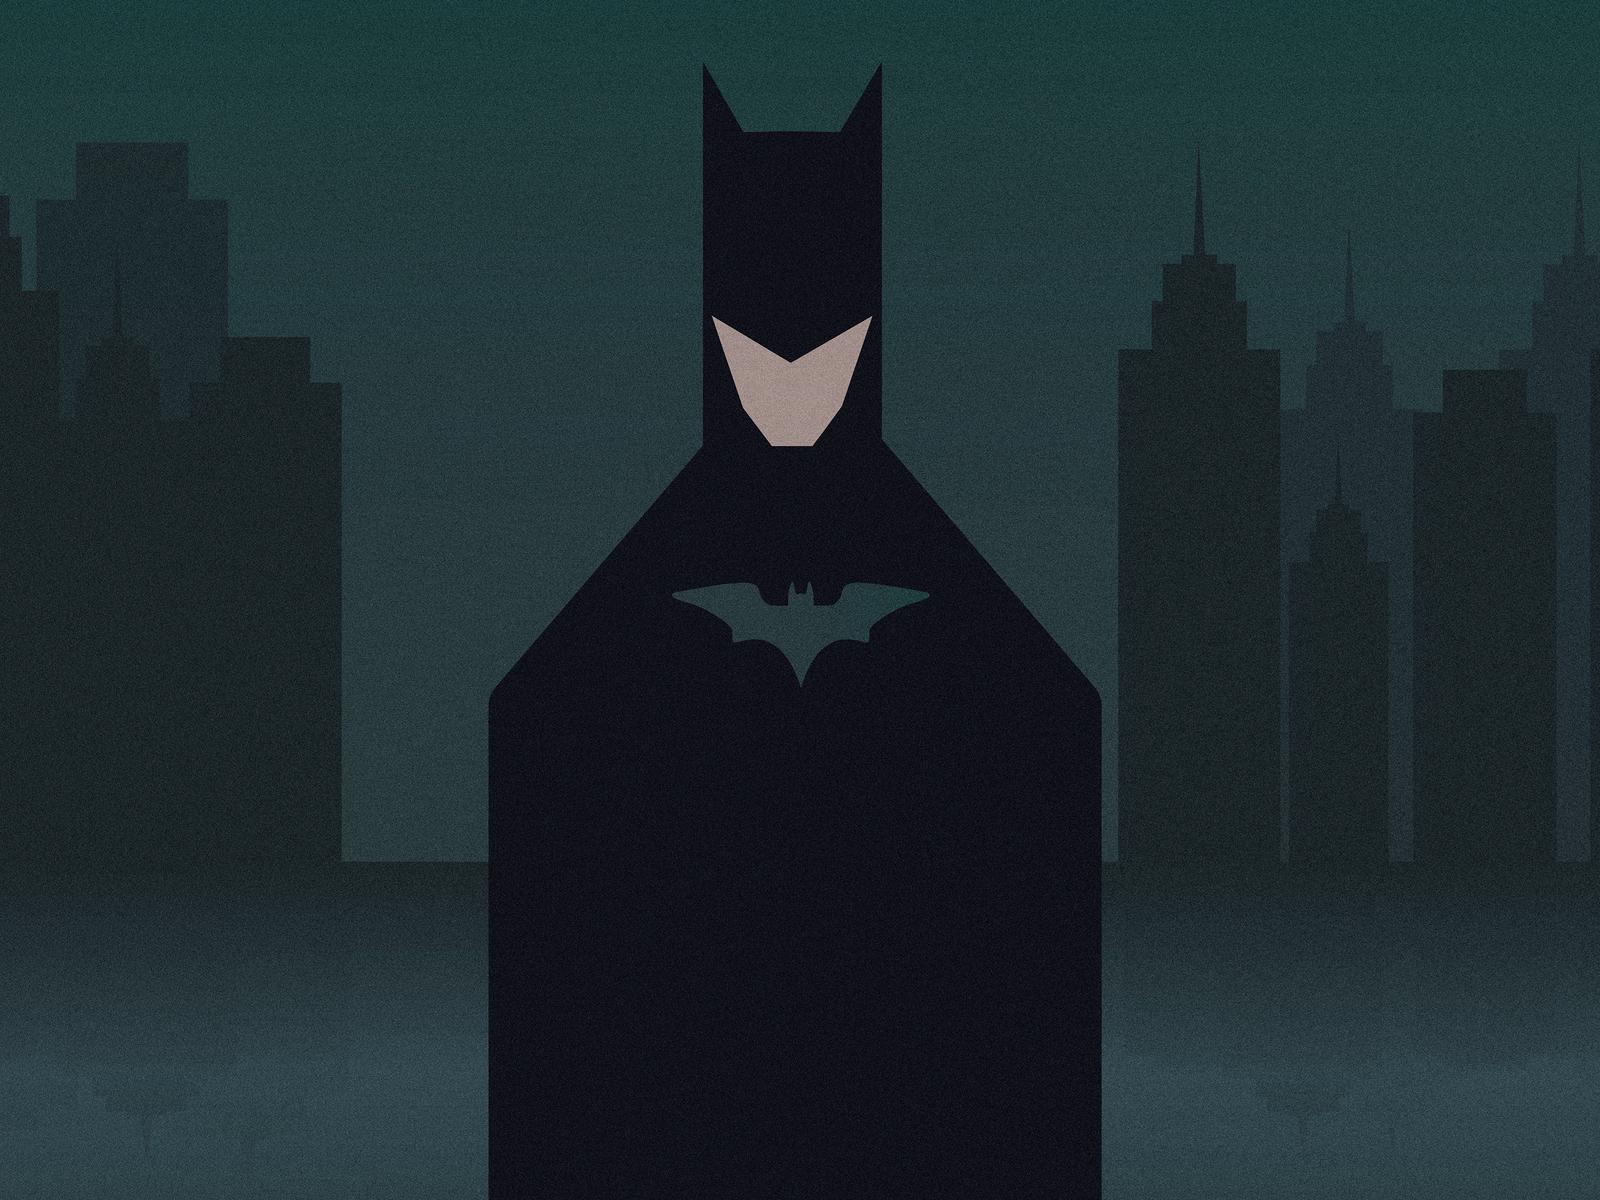 batman4k-minimal-h6.jpg